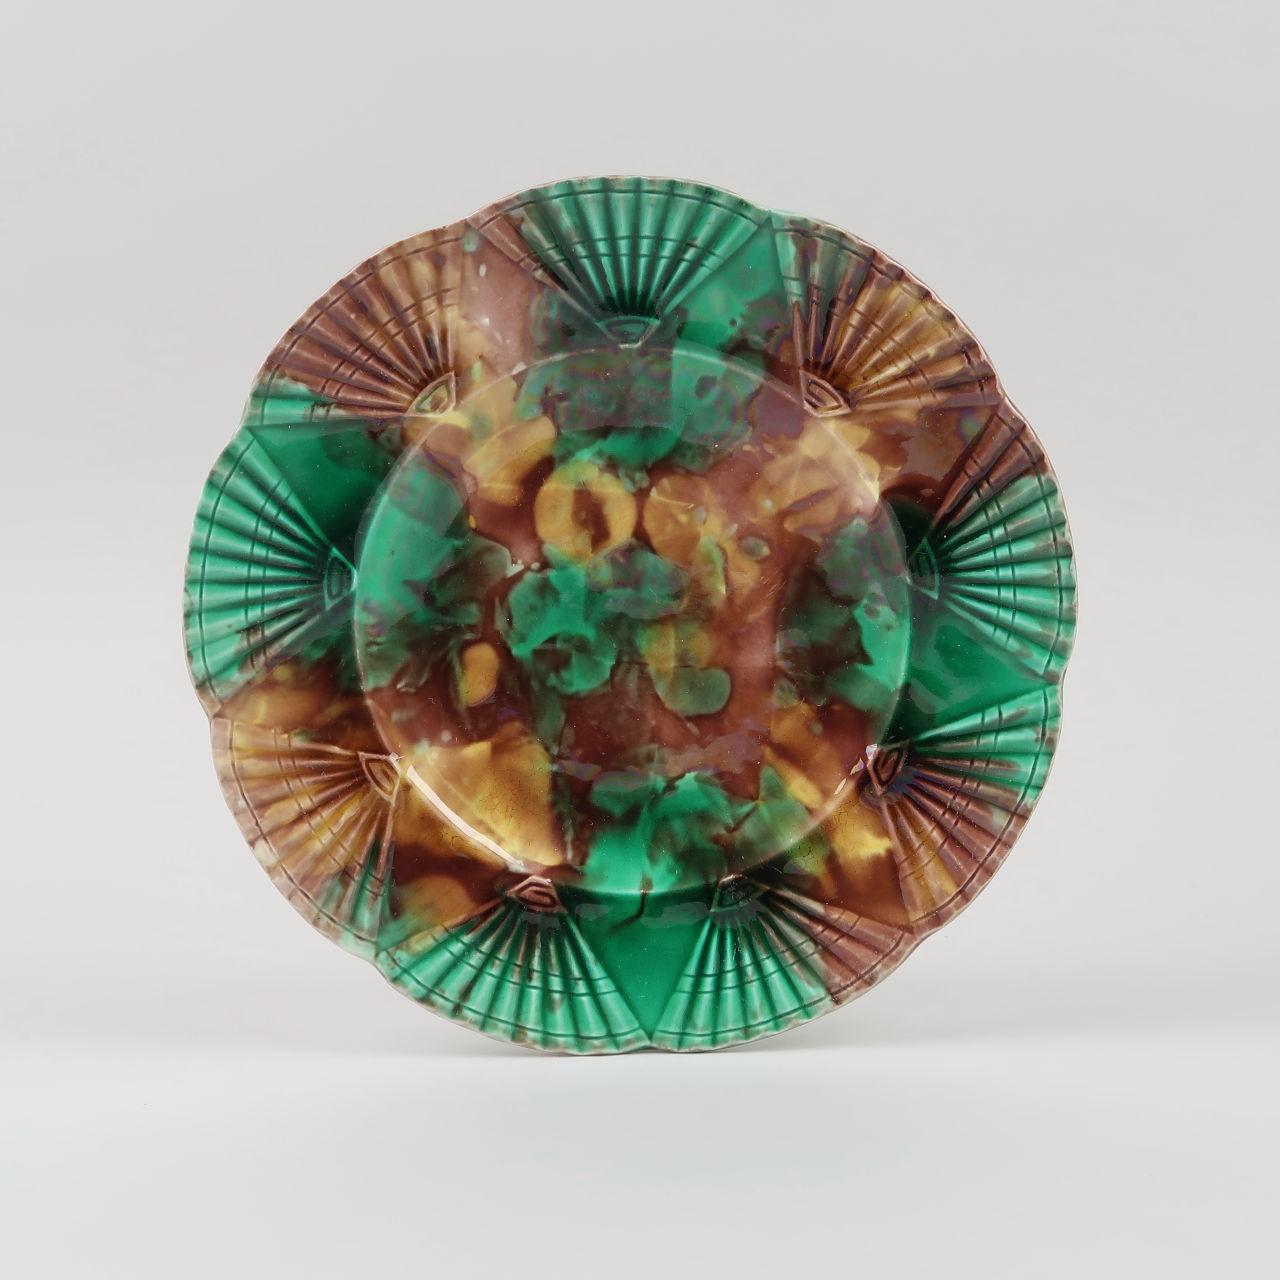 Wedgwood Tortoiseshell Glaze Plates